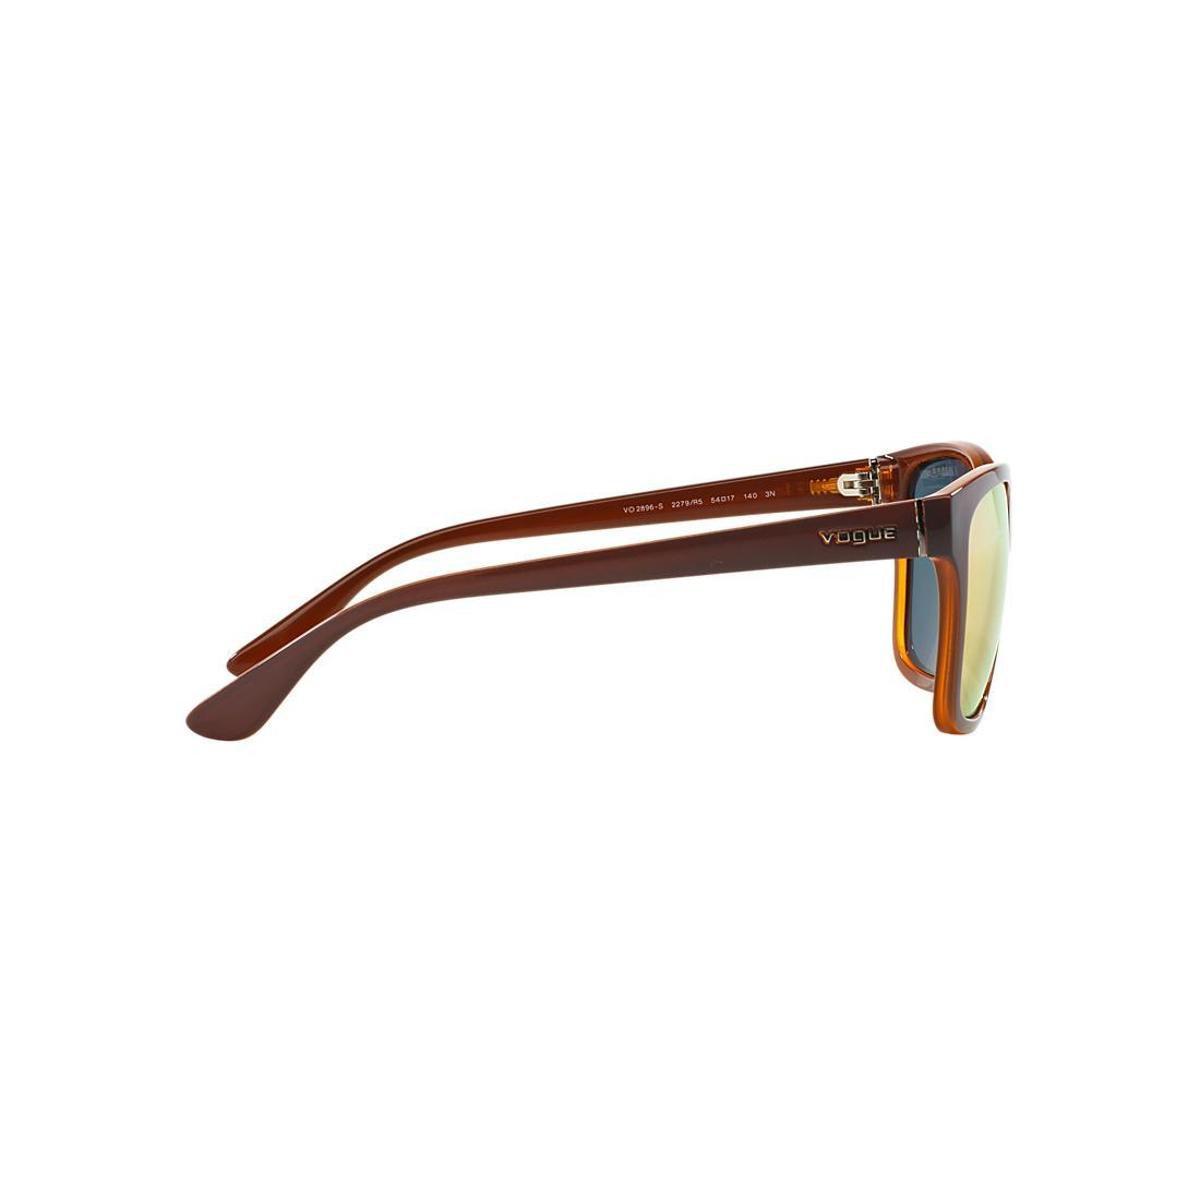 6468c2b07 Óculos de Sol Vogue VO2896S - Compre Agora | Zattini